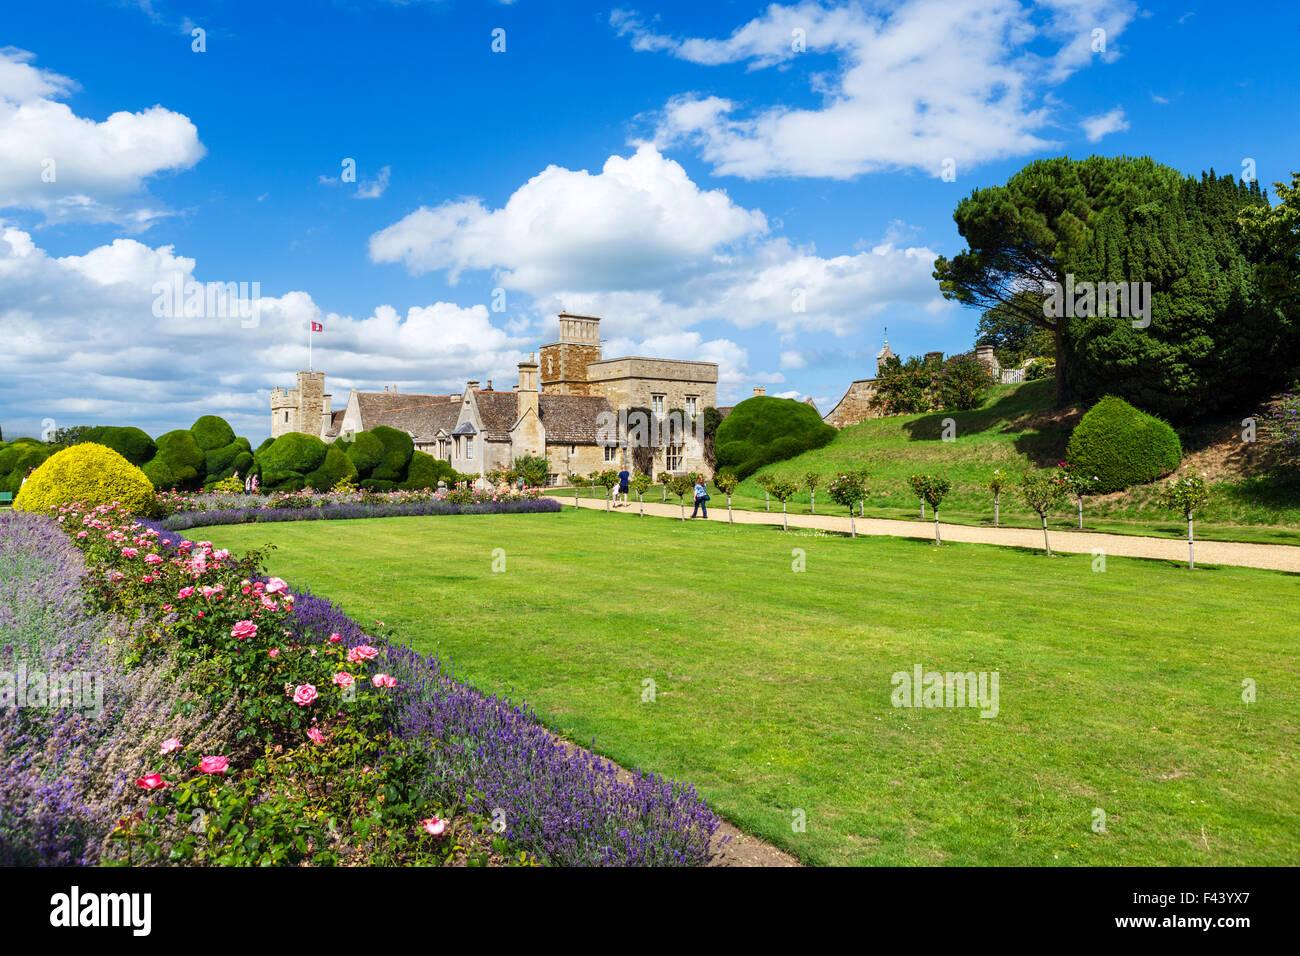 Rockingham Castle, near Corby, Northamptonshire, England, UK Stock Photo